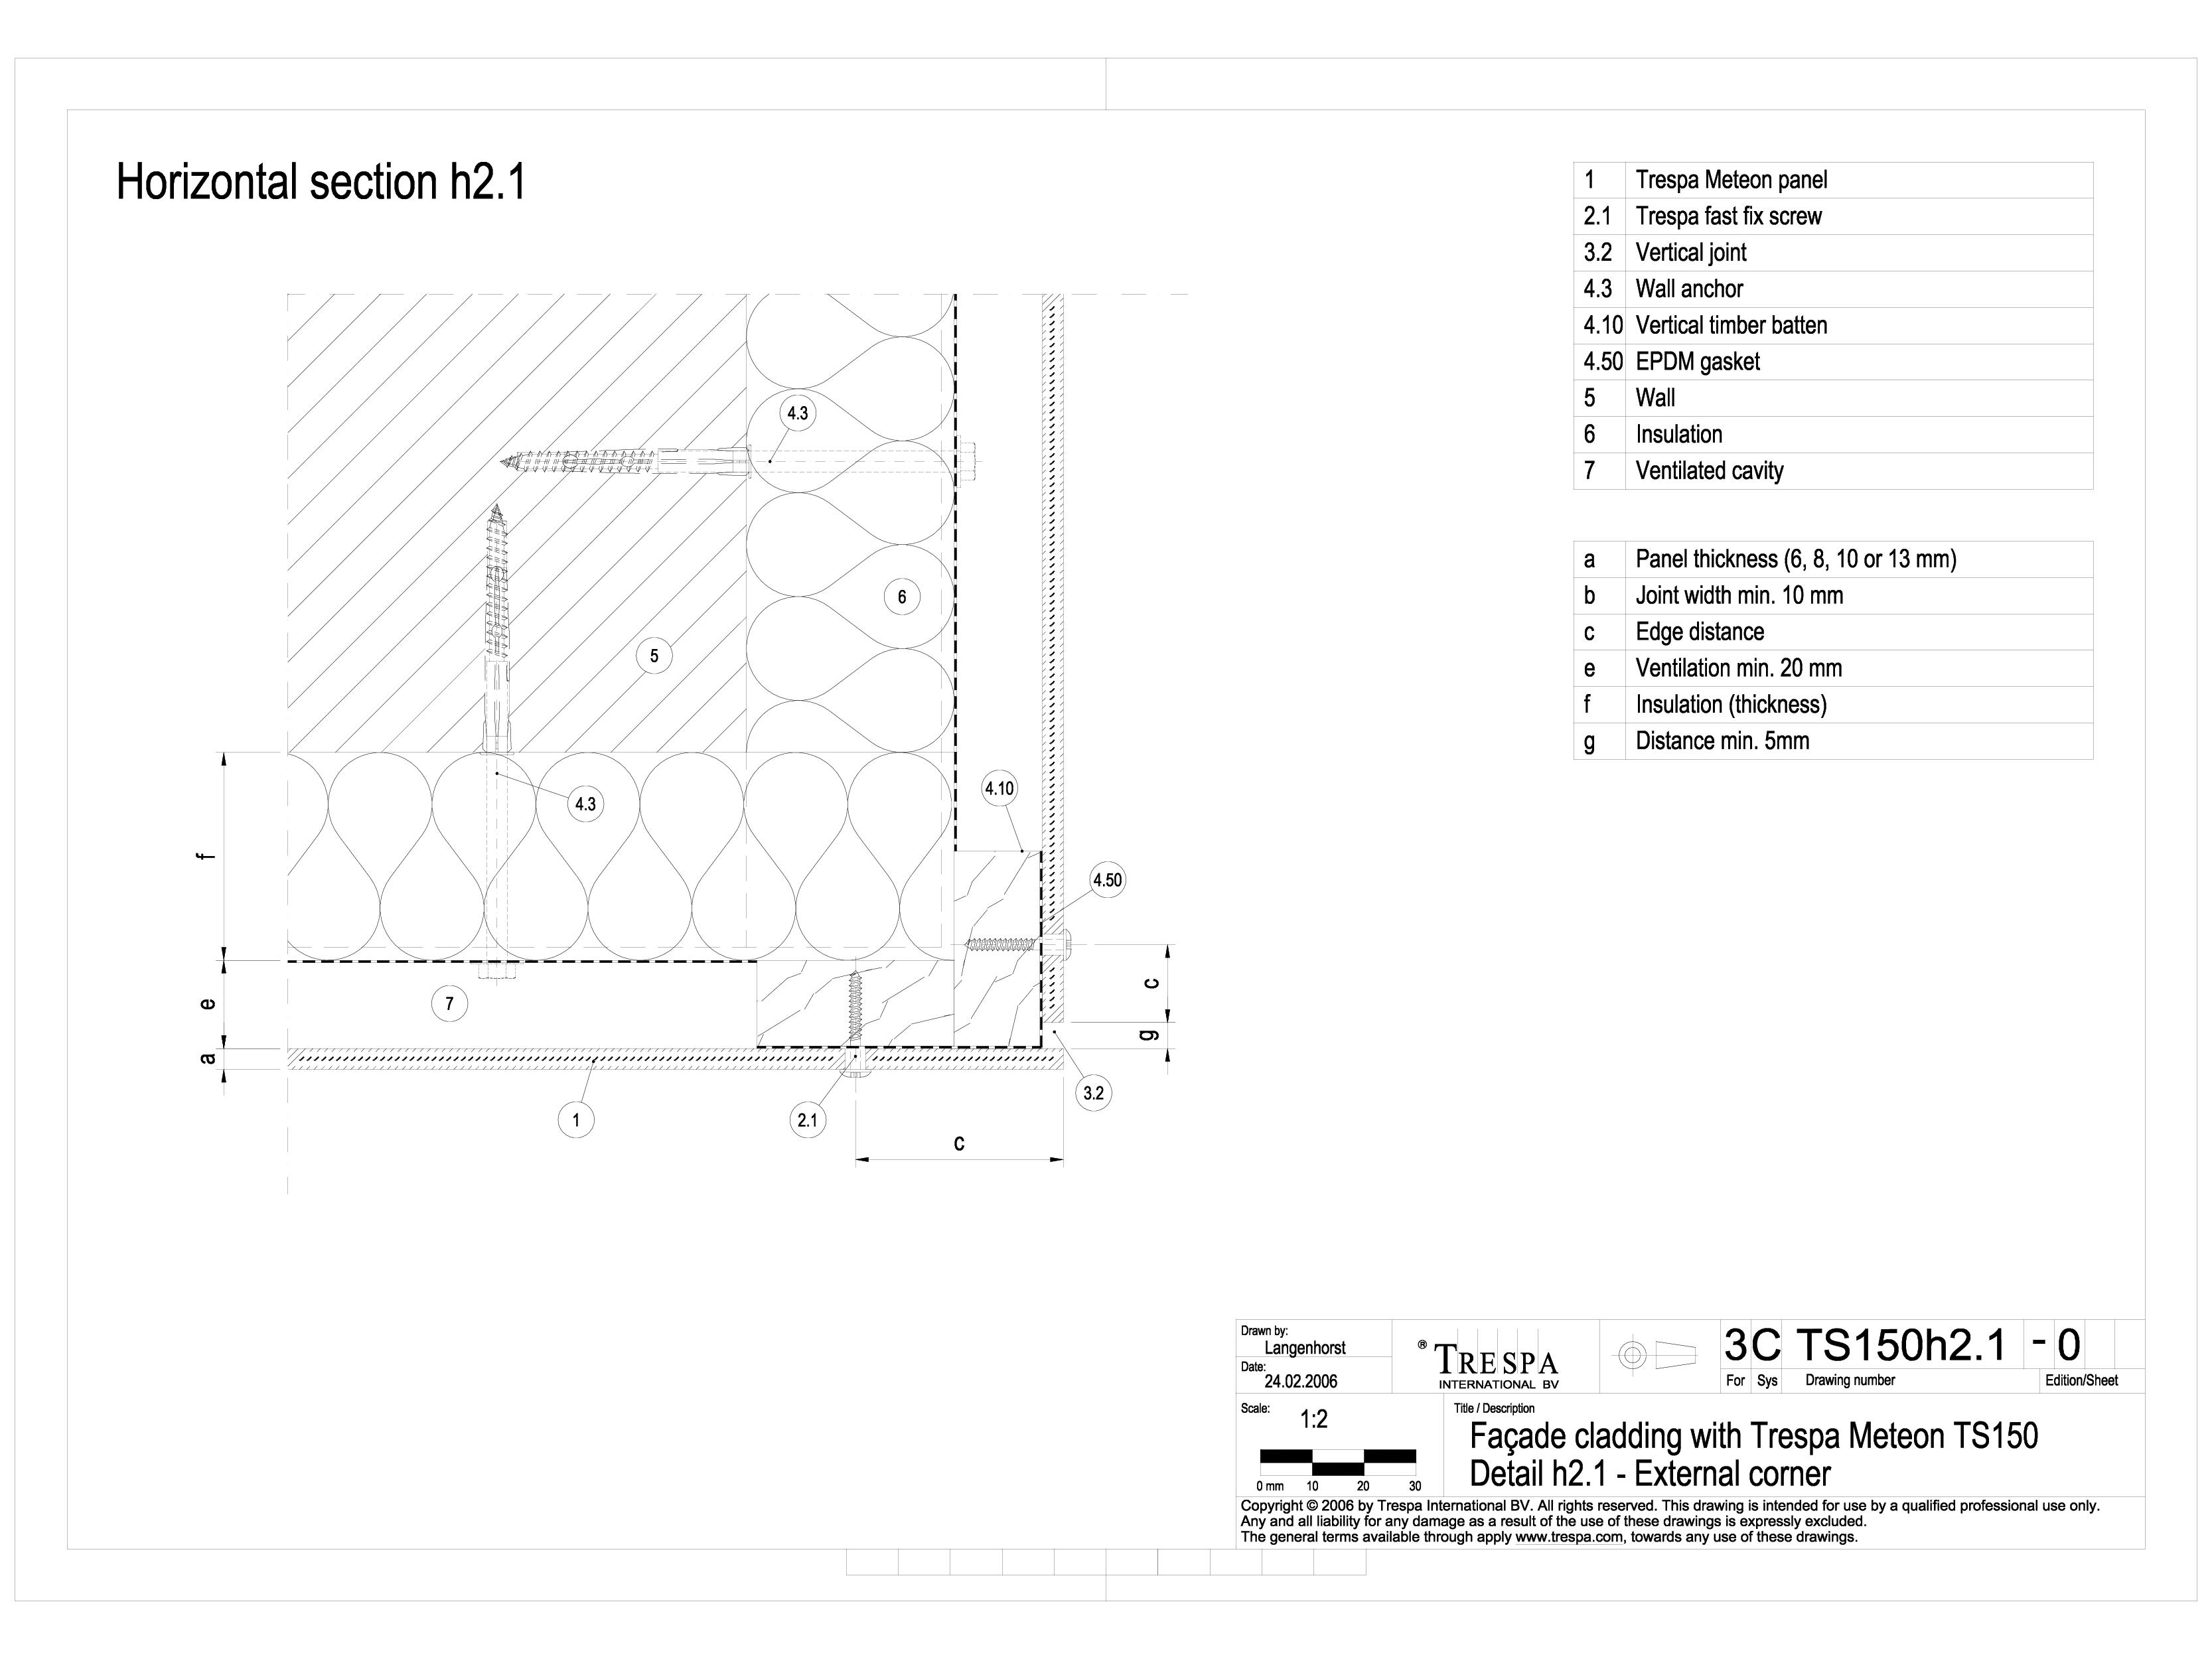 Sisteme de prindere fatade ventilate invizibile cu suruburi si cadru din lemn, detaliu colt exterior METEON TRESPA Placi HPL pentru fatade ventilate GIBB TECHNOLOGIES  - Pagina 1